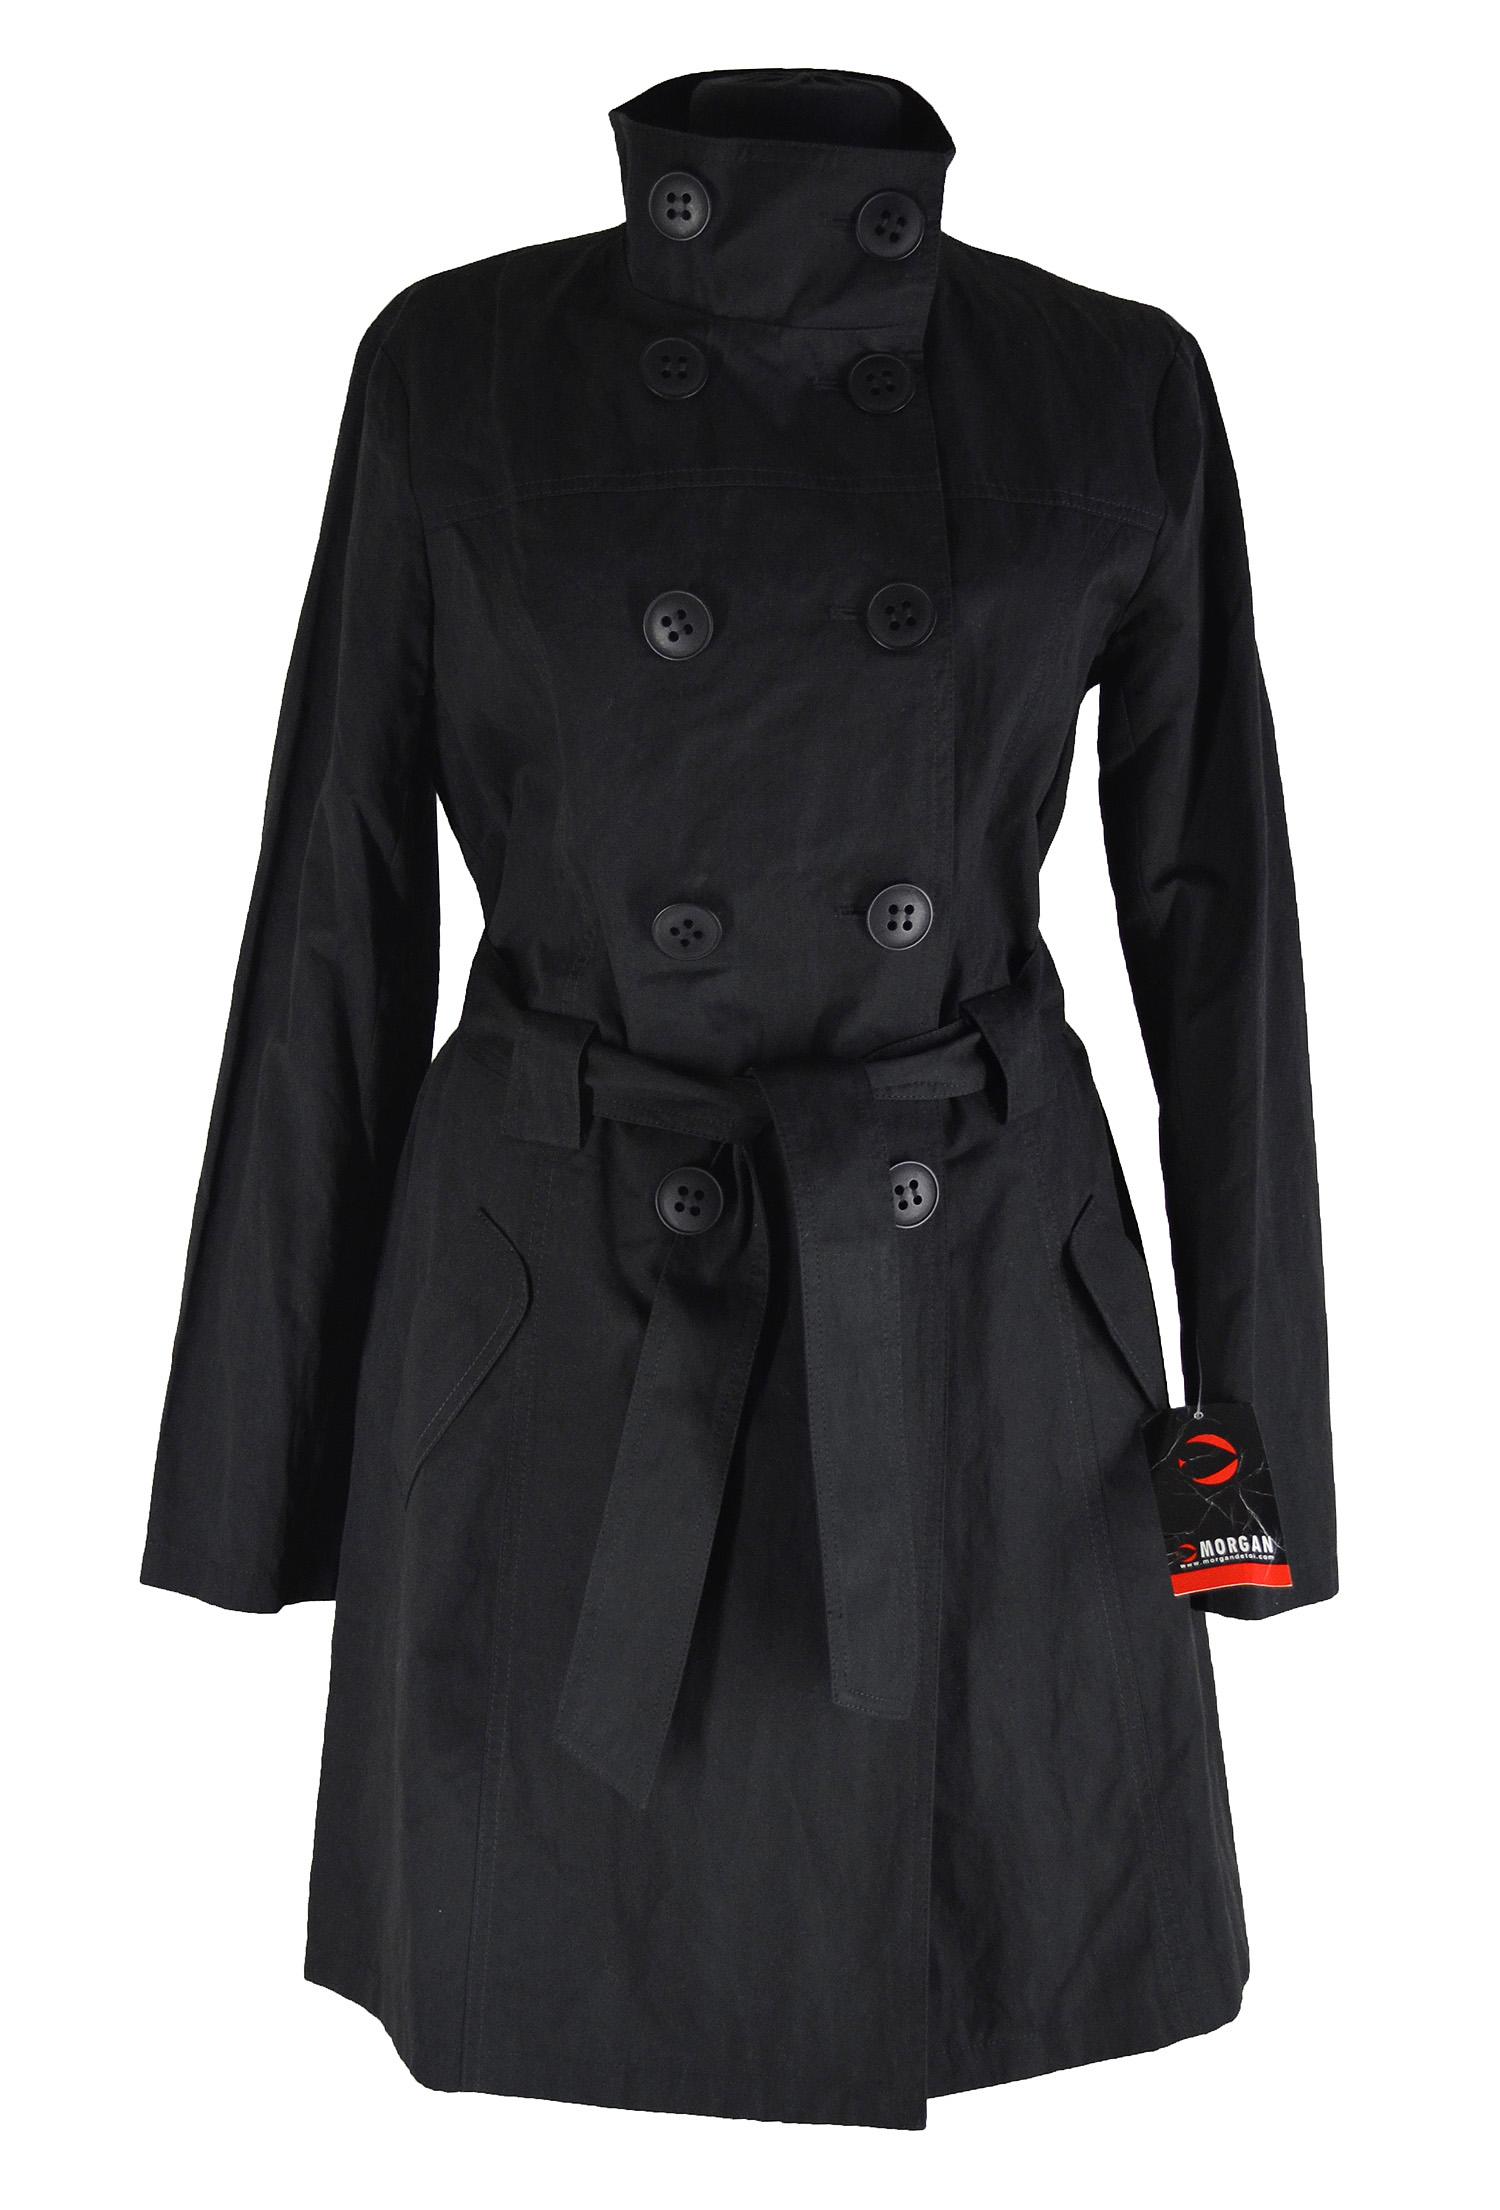 Купить женский модный плащ Morgan в Украине   Интернет магазин ... b228eacfcee